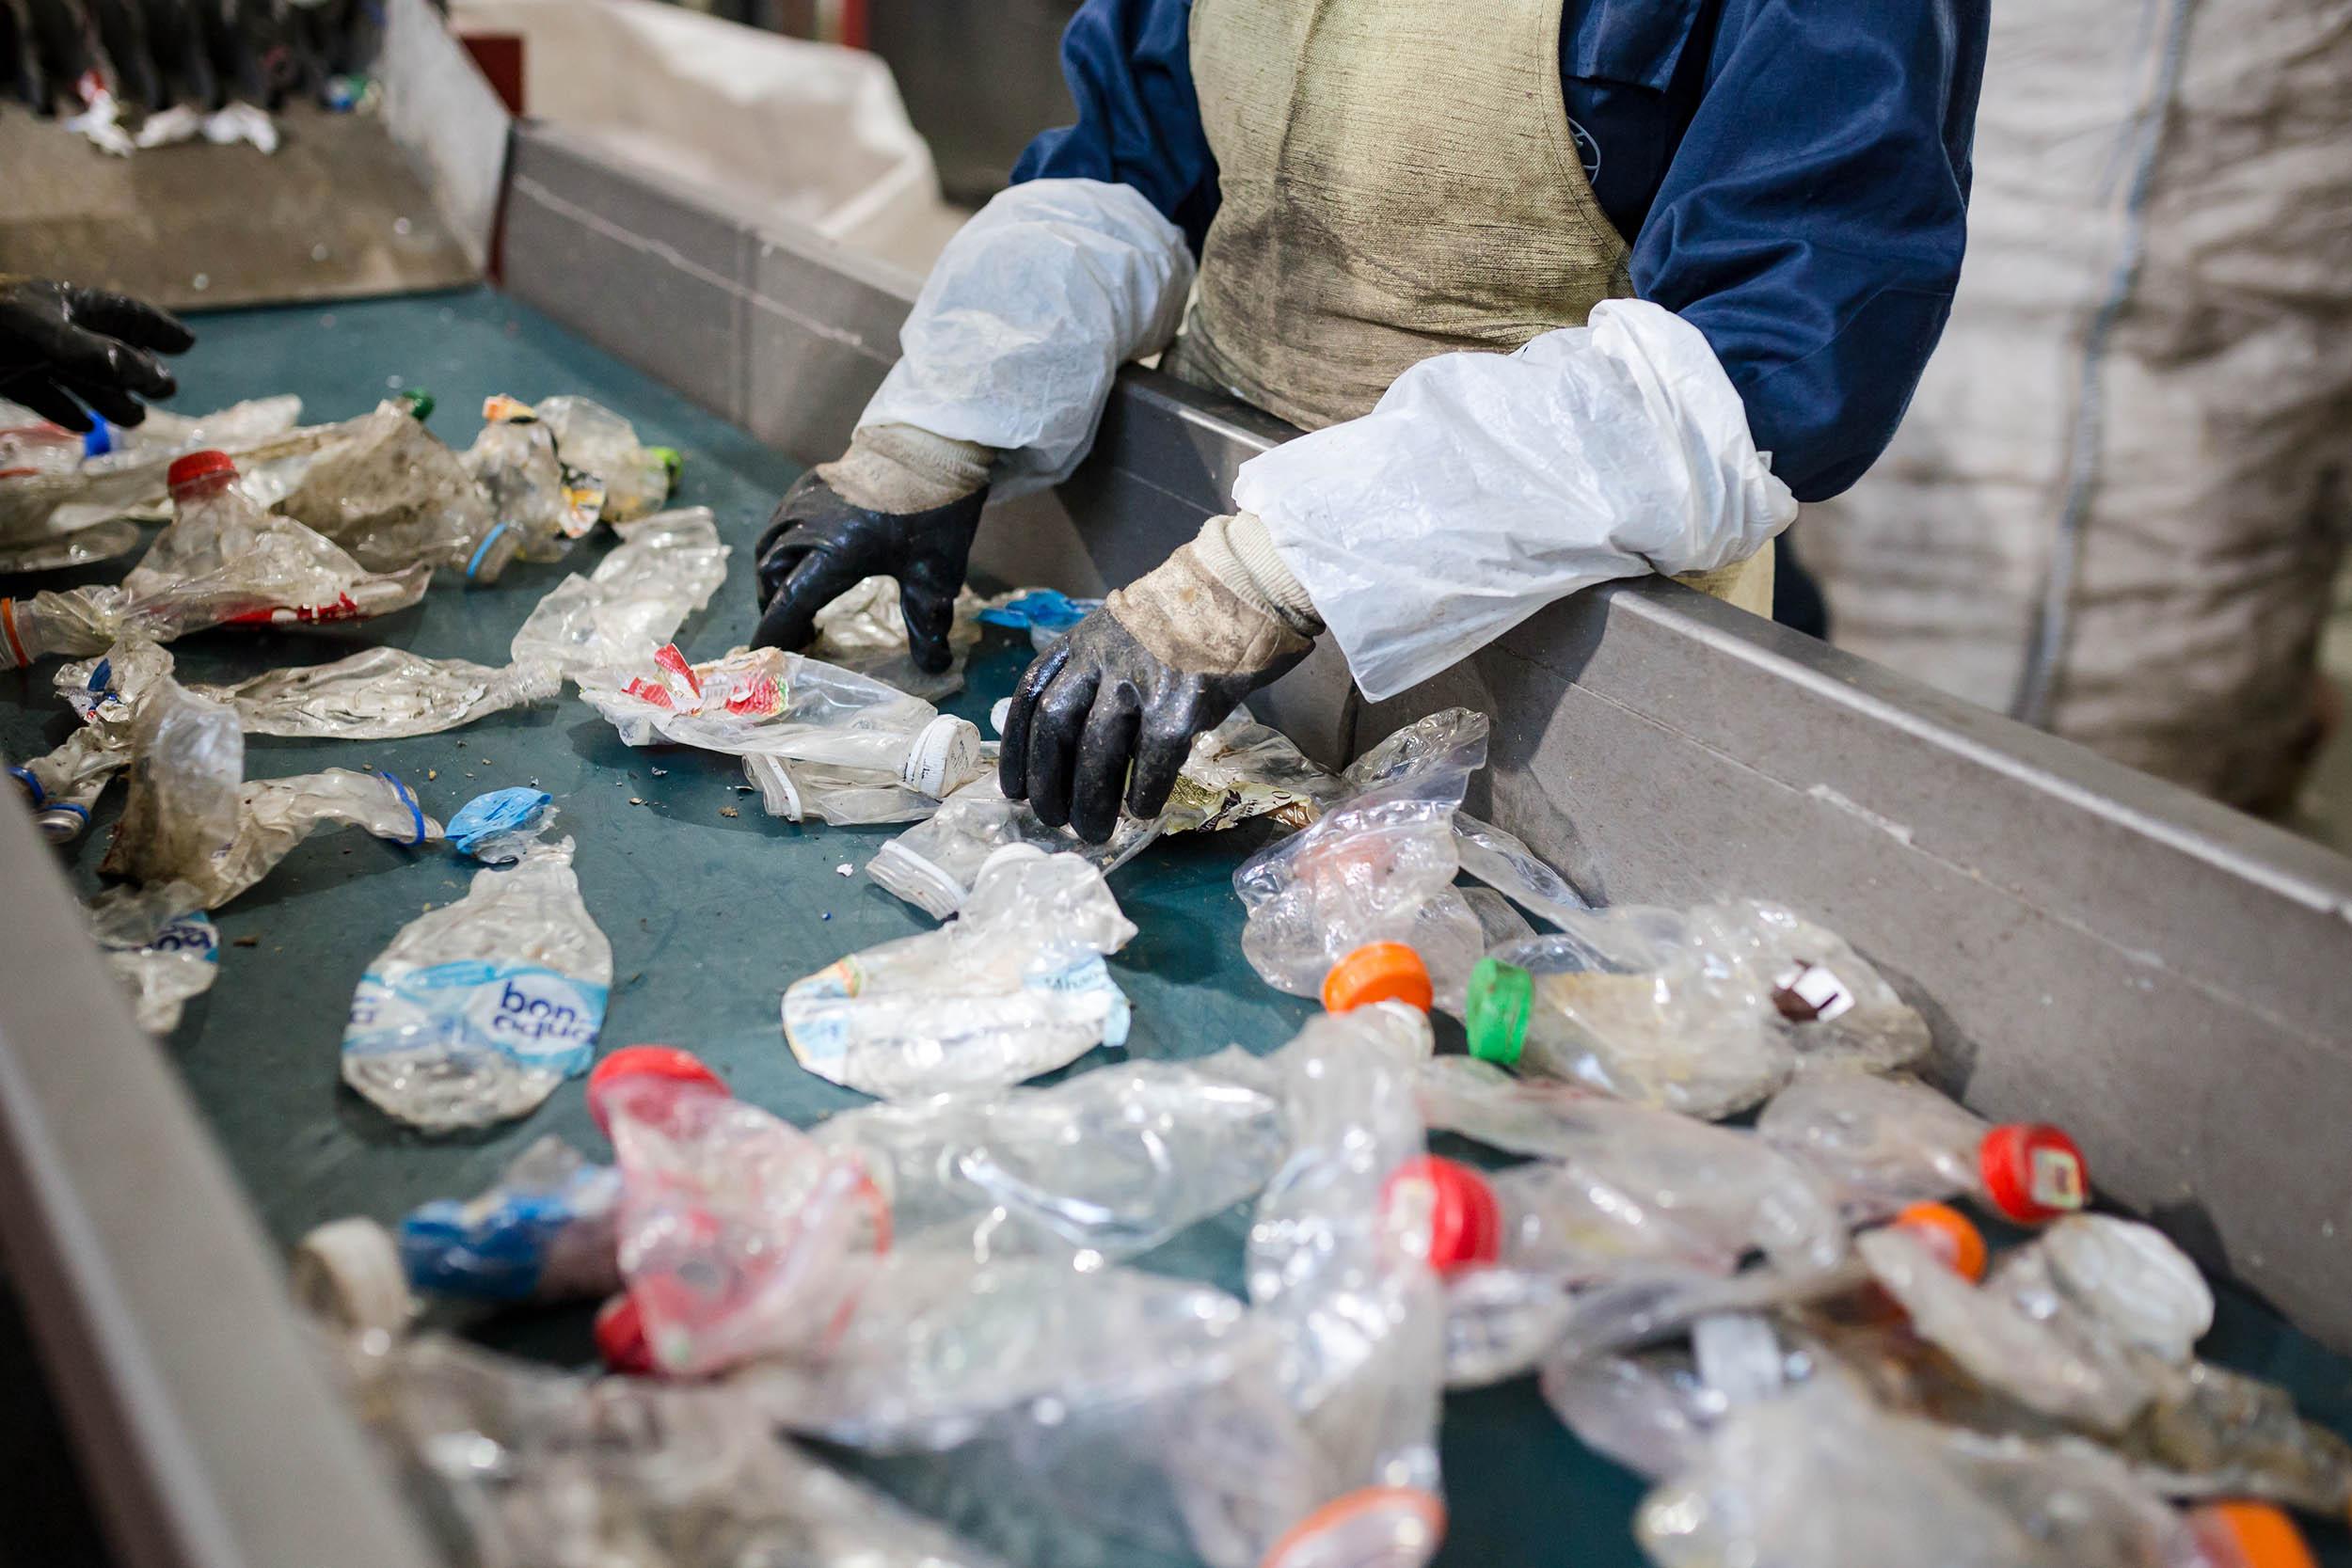 La imagen puede contener: Persona, Plástico, Bolsa, Bolsa de plástico, Ropa, Pájaro, Aluminio, Contaminación, Rueda de aleación, Basura, Símbolo de reciclaje, Símbolo, Clínica, Botella, Botella de agua, Guante, Laboratorio, Dedo, Teatro de operaciones, Hospital, Halcón, Cuchilla, Cuchillo , Abrecartas, Dinero, Botella de pop, Electrónica, Papel de aluminio, Moneda, Níquel, Delantal, Tornillo, Perchero, Costura, Contenedor de pintura, Municiones, Motor, Militar, Ejército, Blindado, Buceo, Grano, Punta de flecha, Contrachapado, Trabajador, Zapato , Primeros auxilios, mano, brazo, casco.